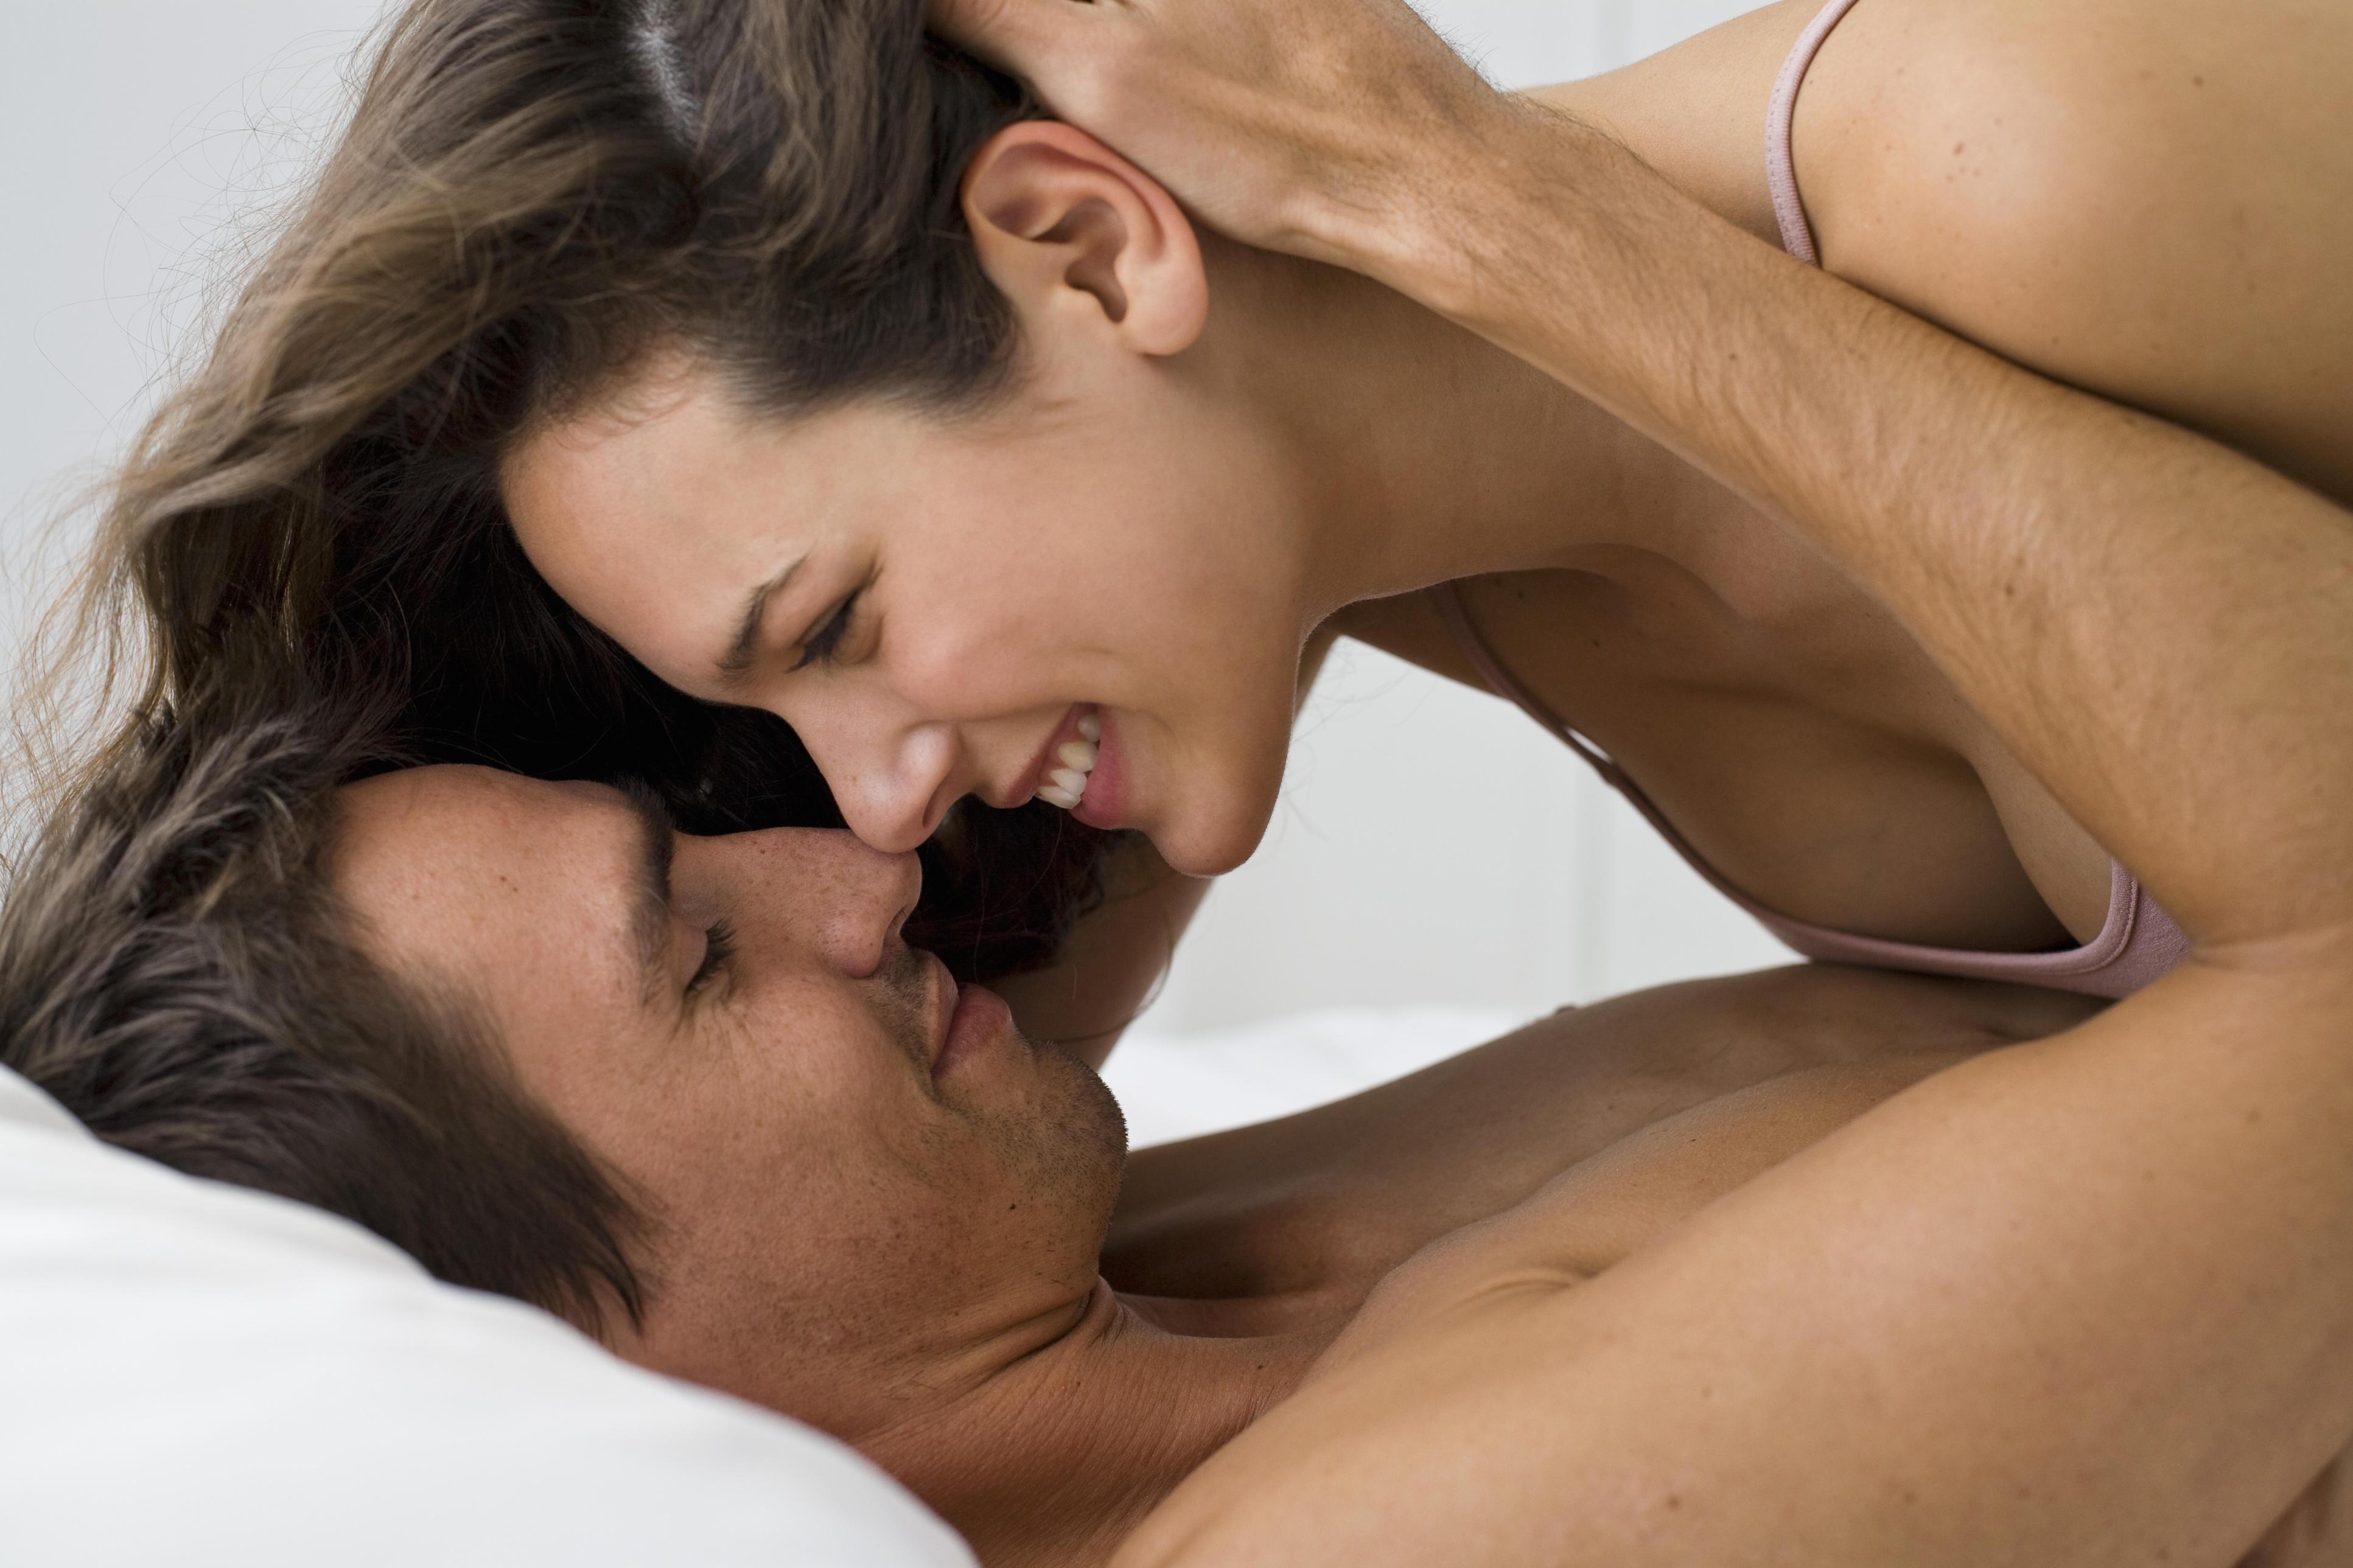 Секс нормальный видео просто